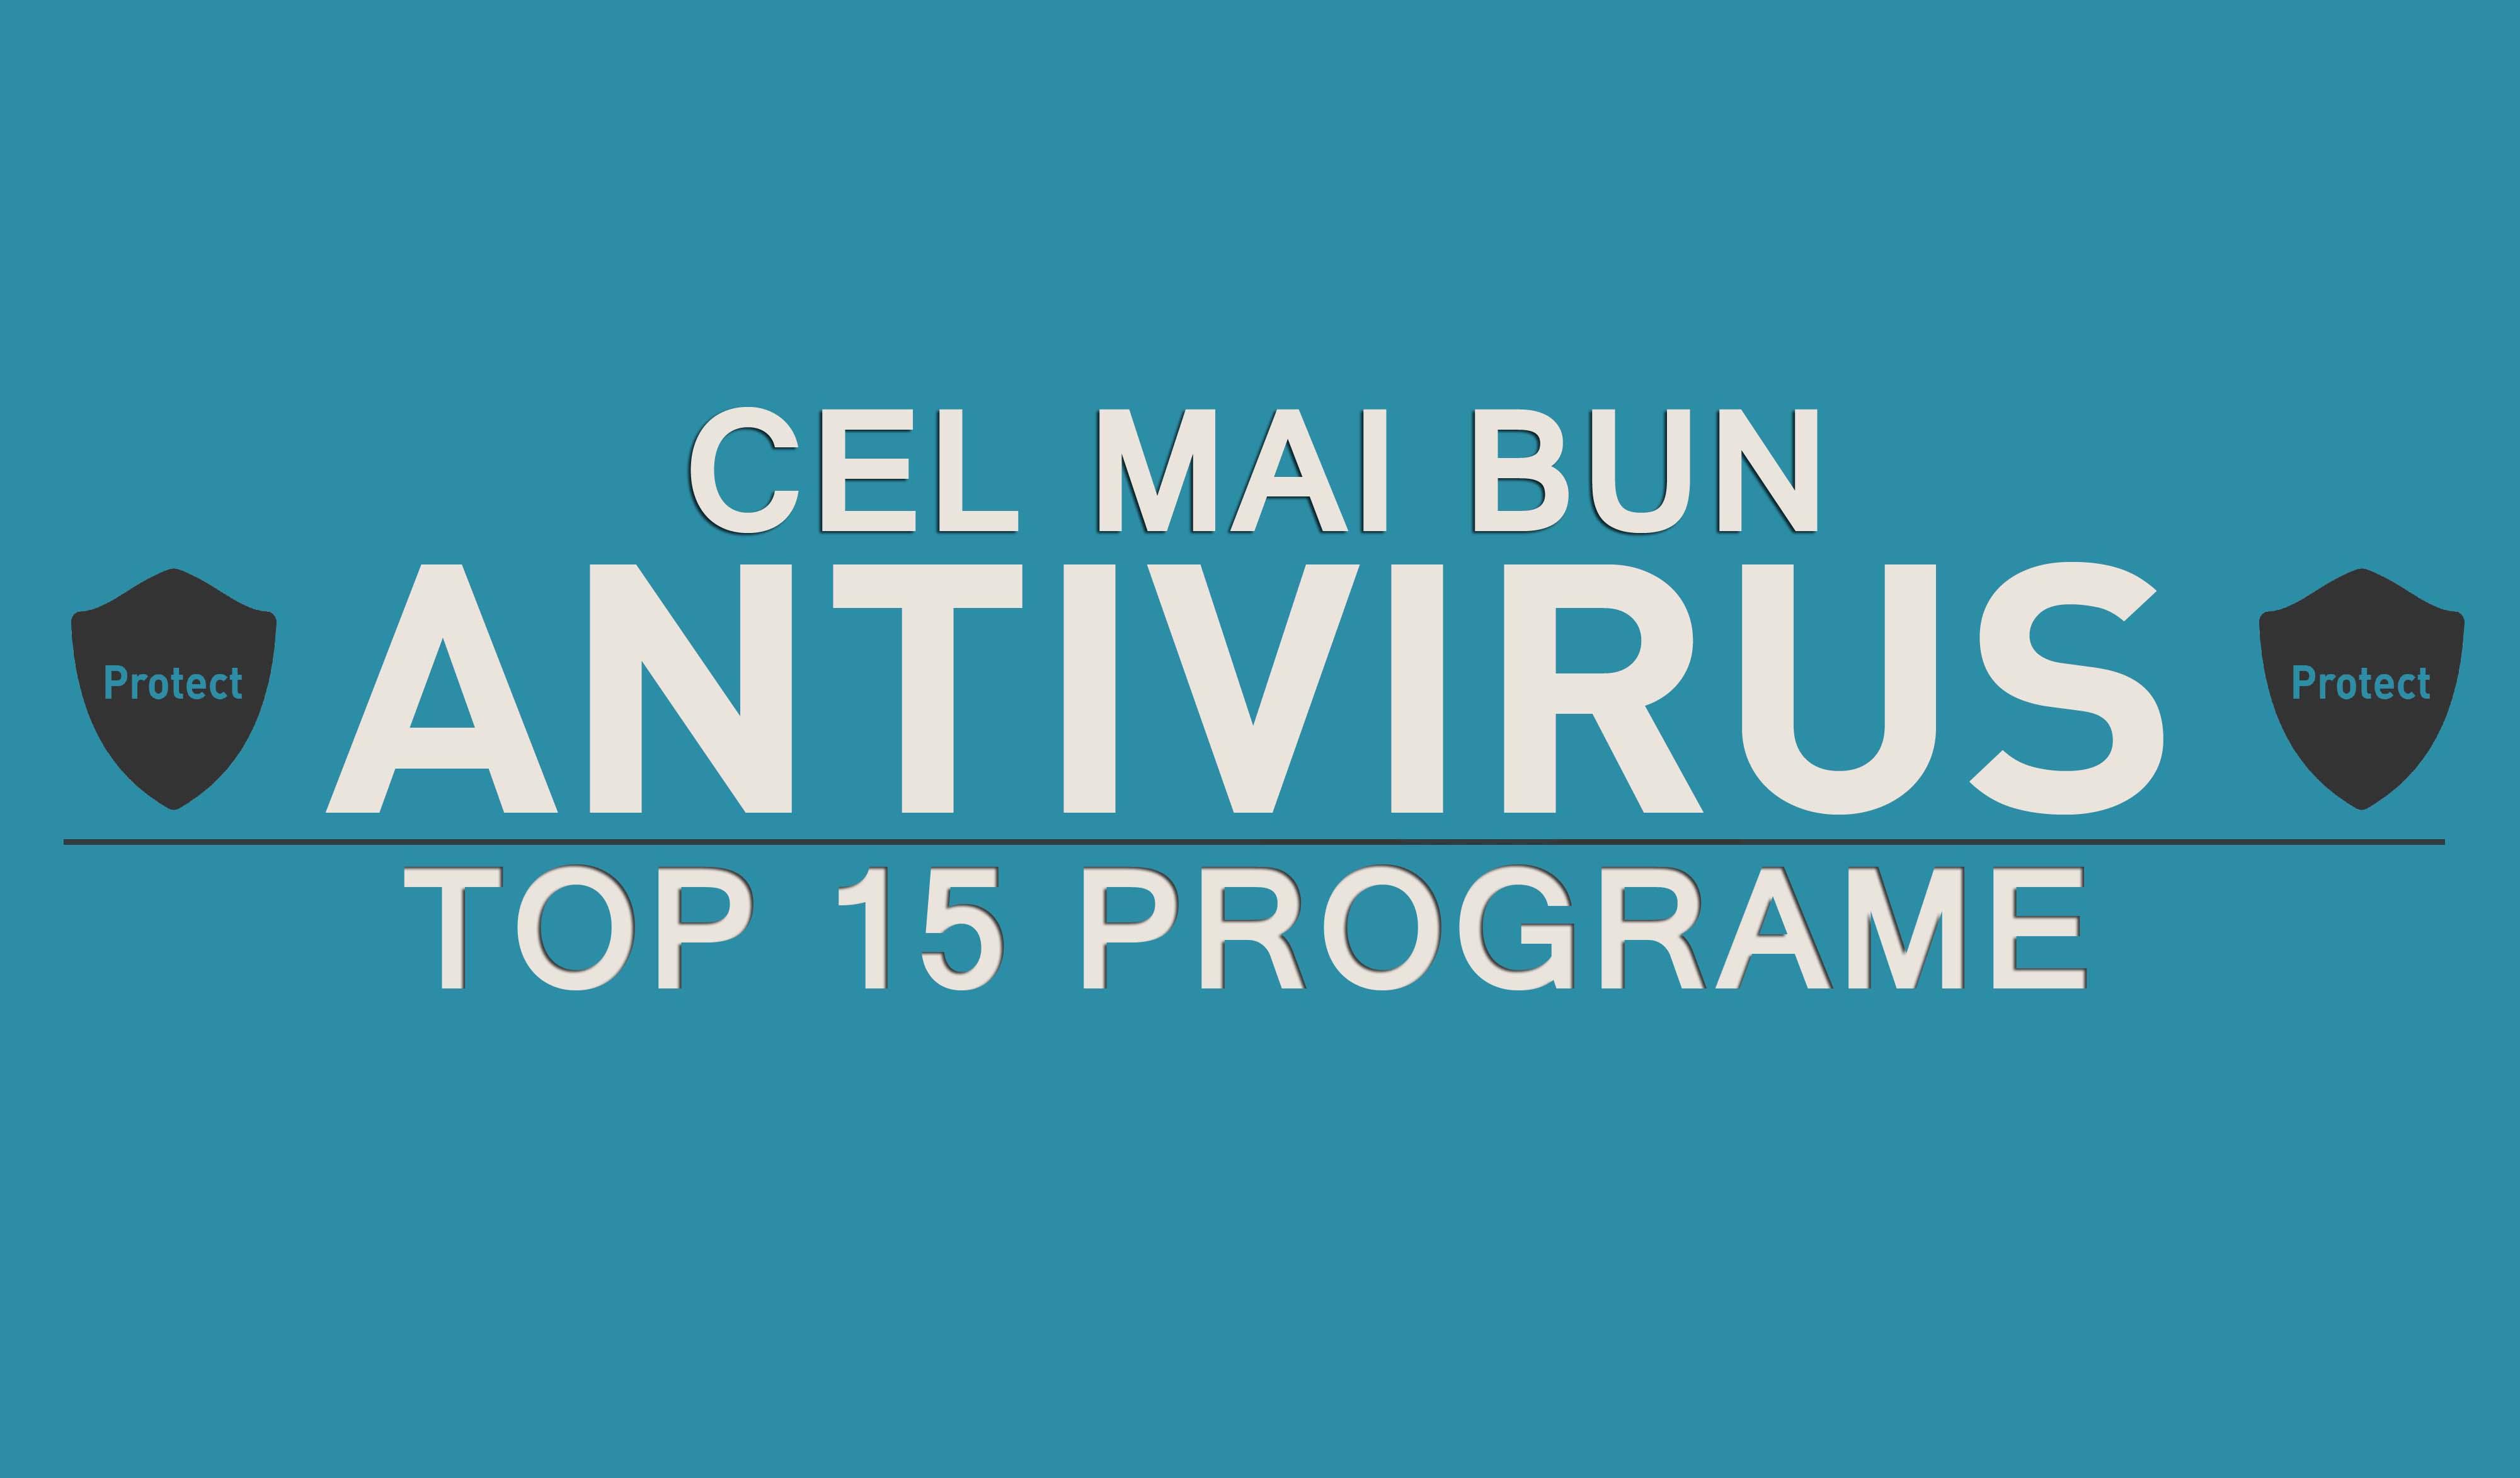 cel mai bun antivirus